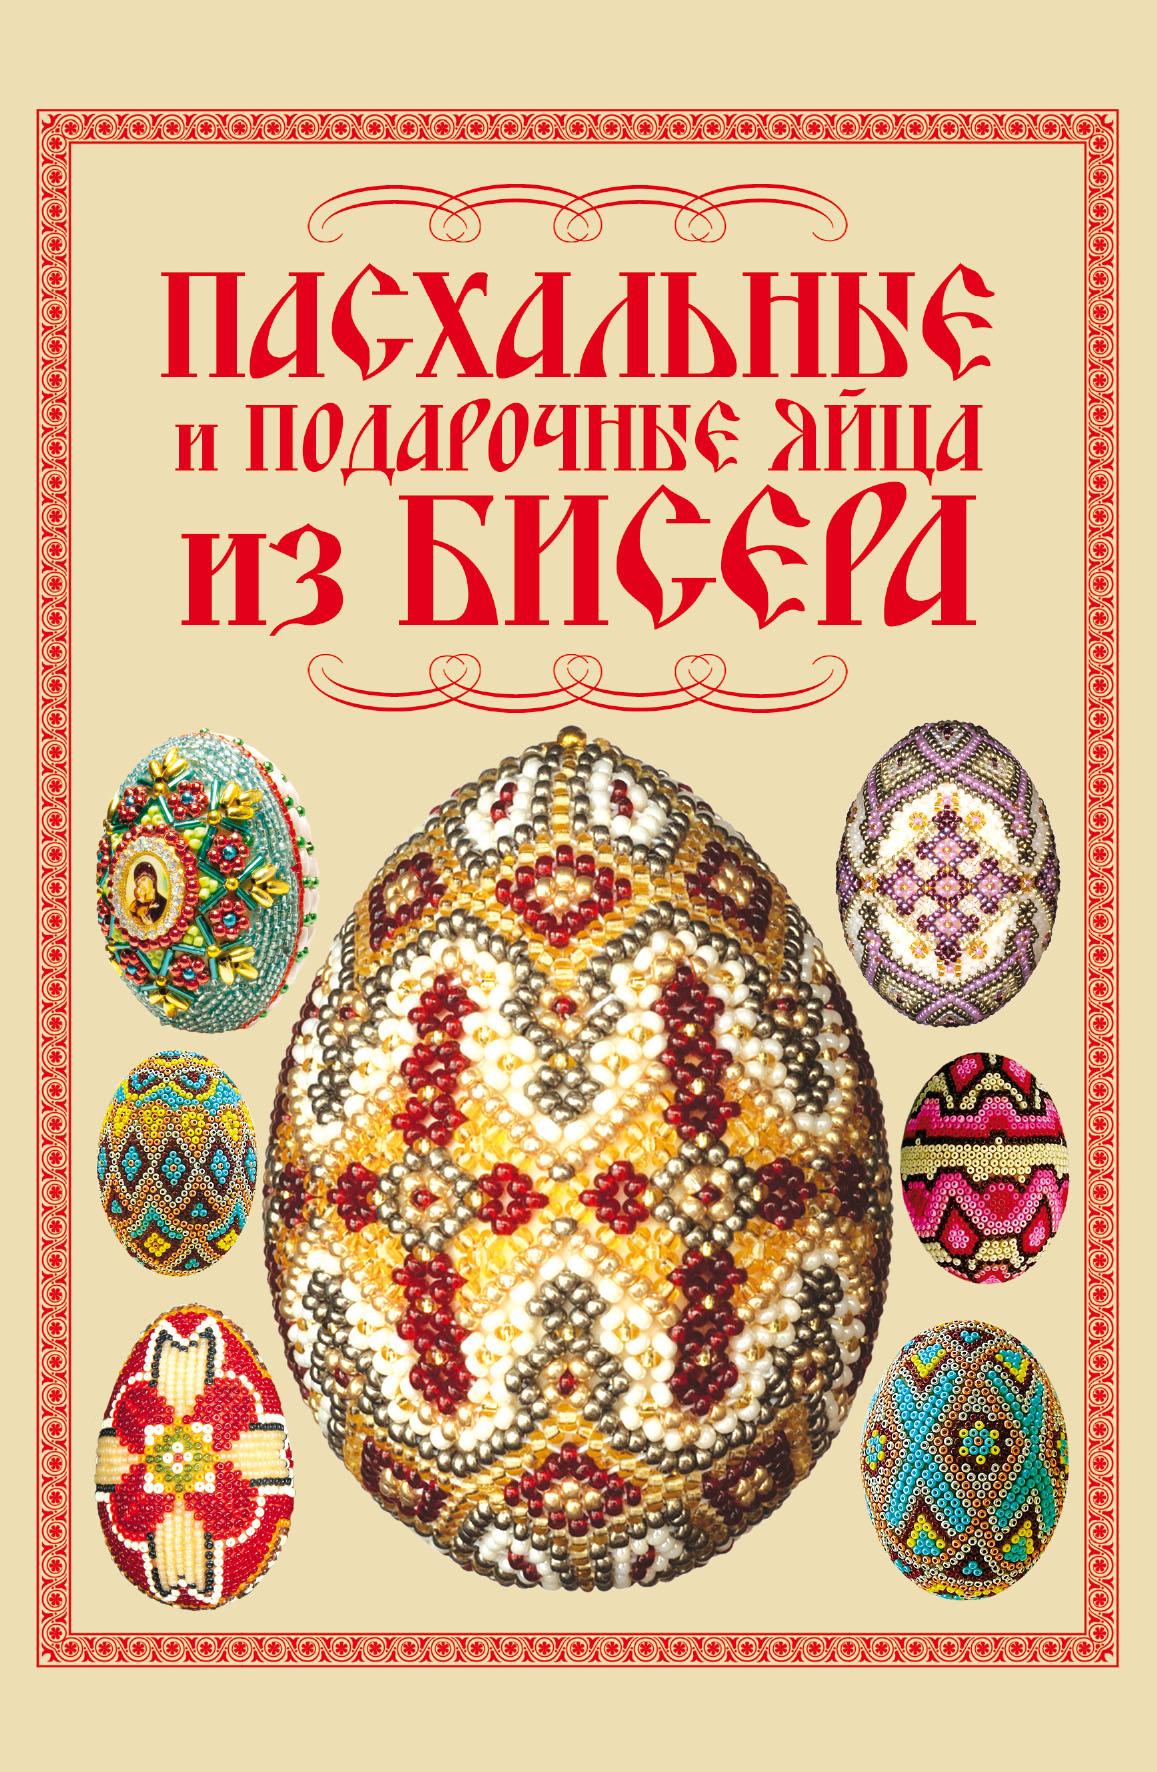 Наталья Ликсо Пасхальные и подарочные яйца из бисера